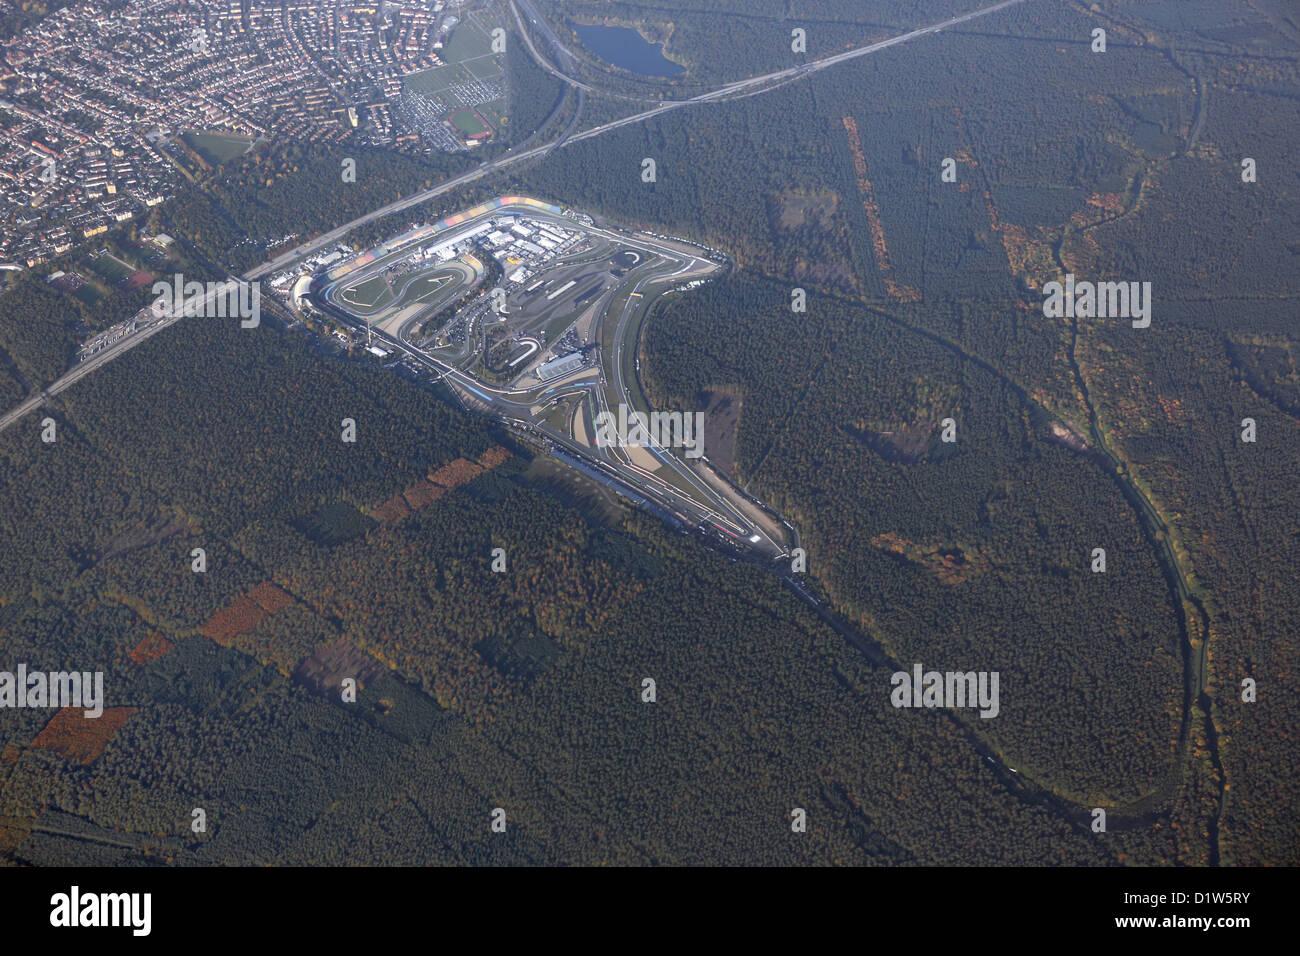 Hockenheim, Deutschland, Luftaufnahme der Motorsport-Rennstrecke Hockenheimring Stockbild